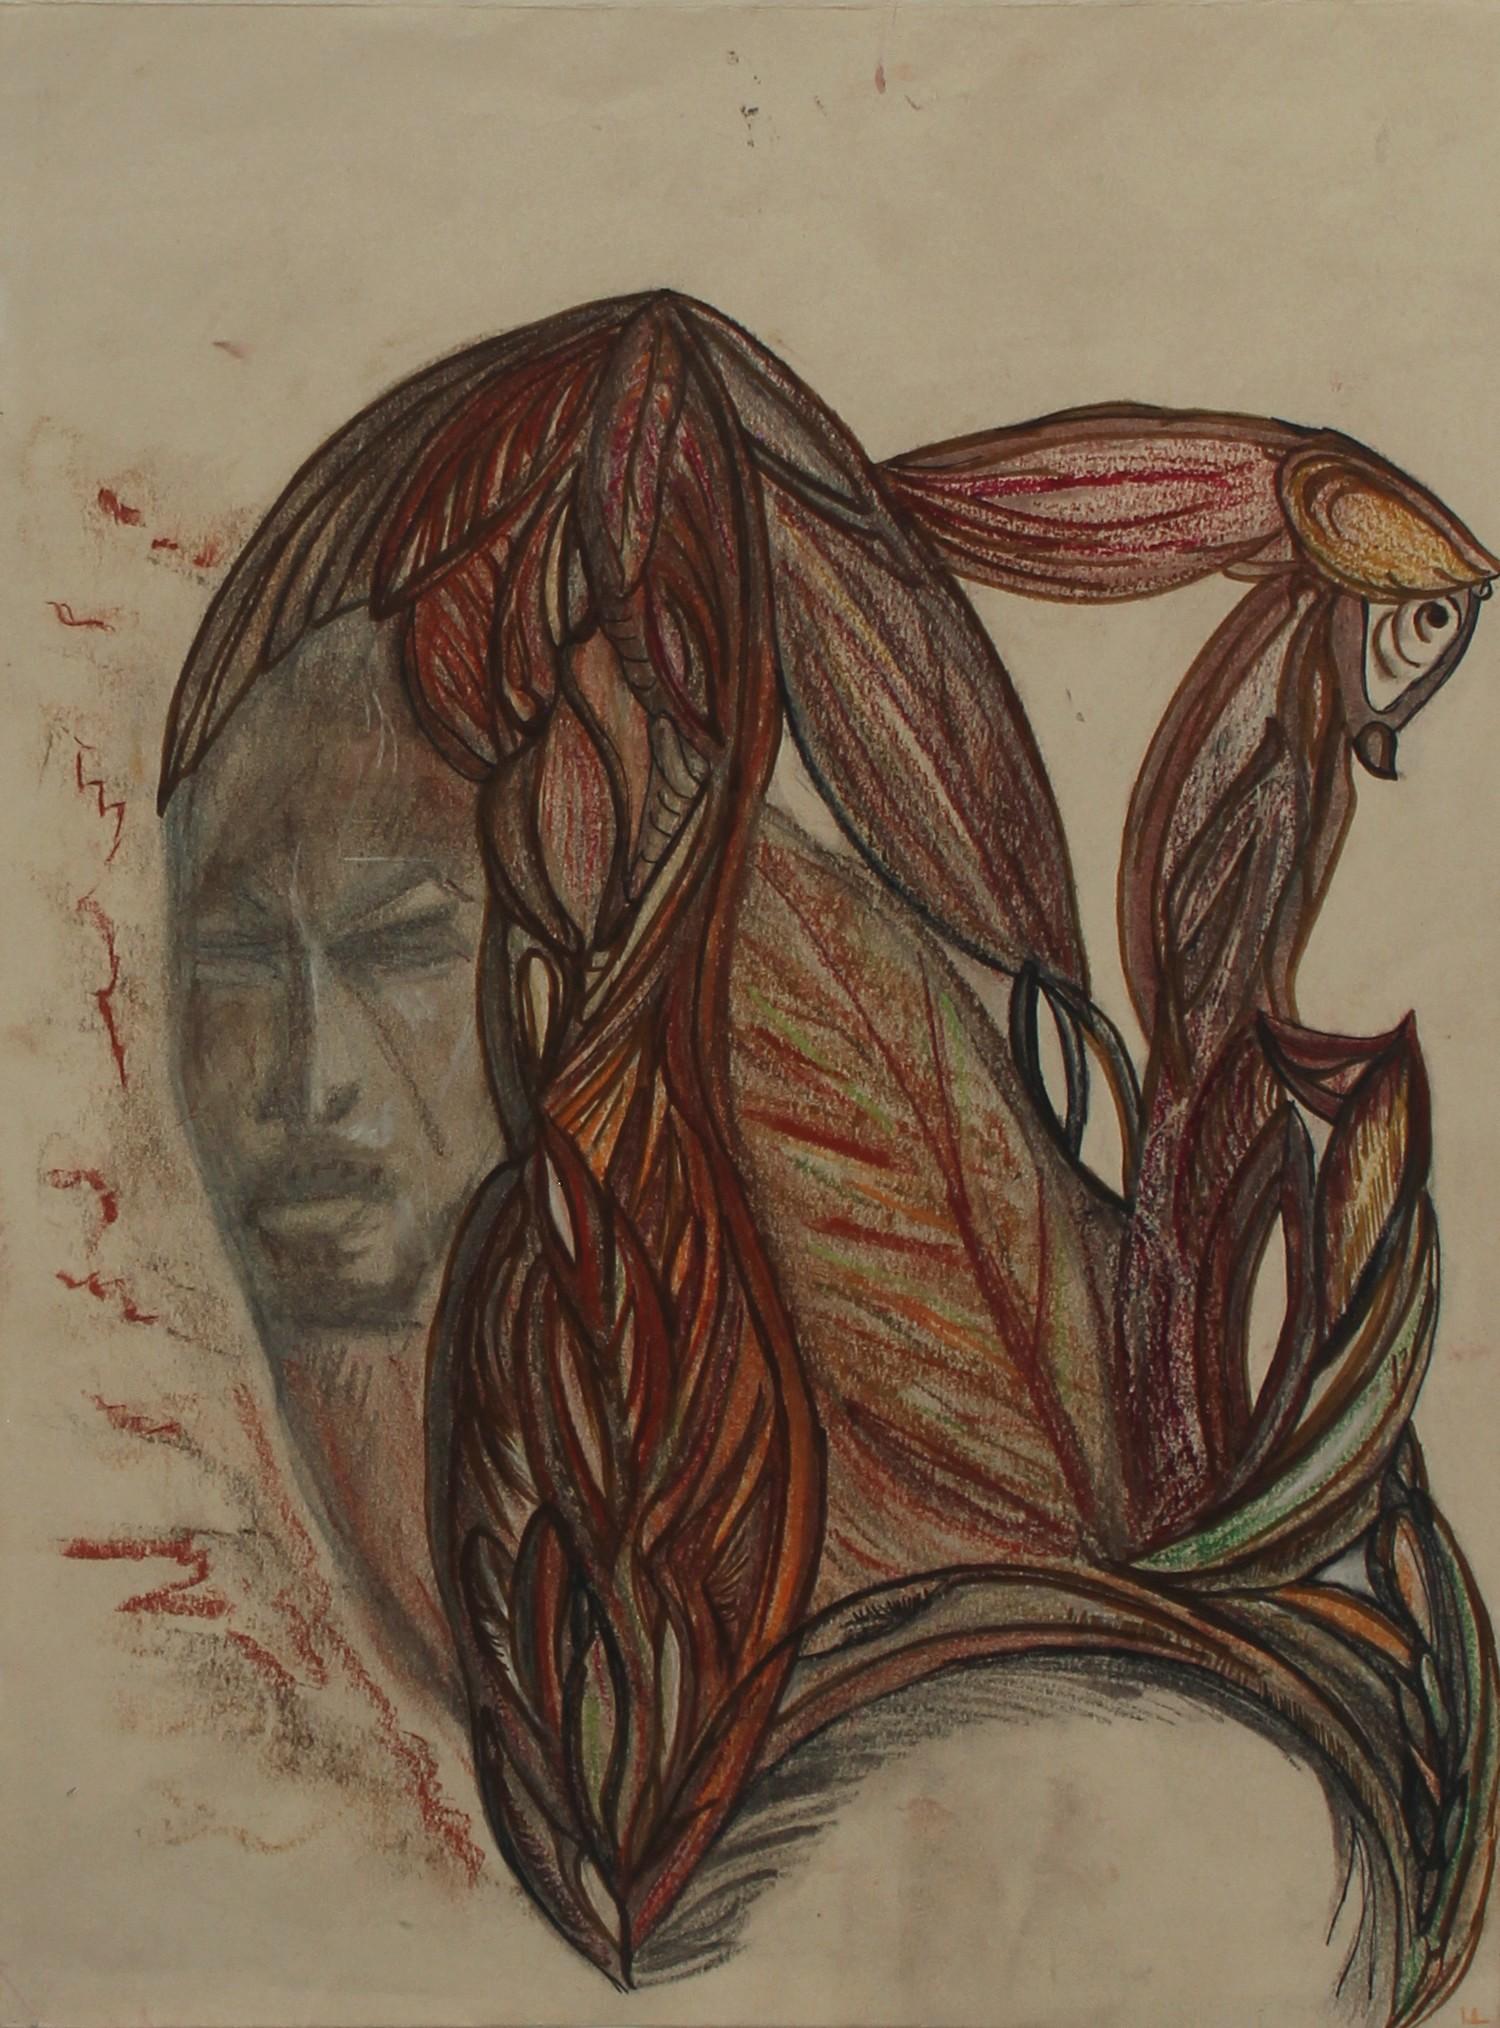 Tête derrière savane par Nathalie Fiala